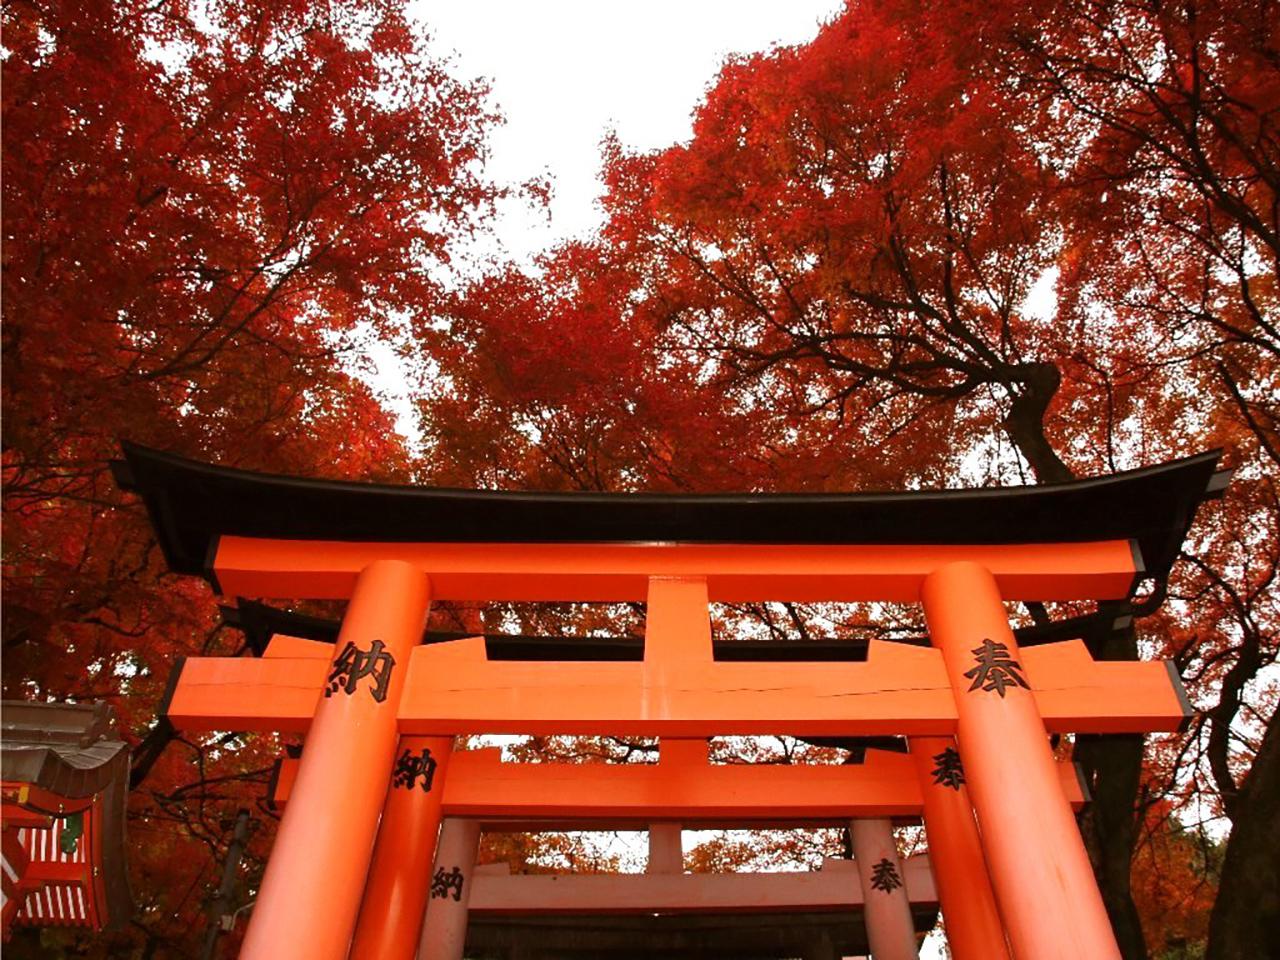 ศาลเจ้าฟูชิมิอินาริเป็นอีกหนึ่ง จุดชมใบไม้เปลี่ยนสี ใน เกียวโต